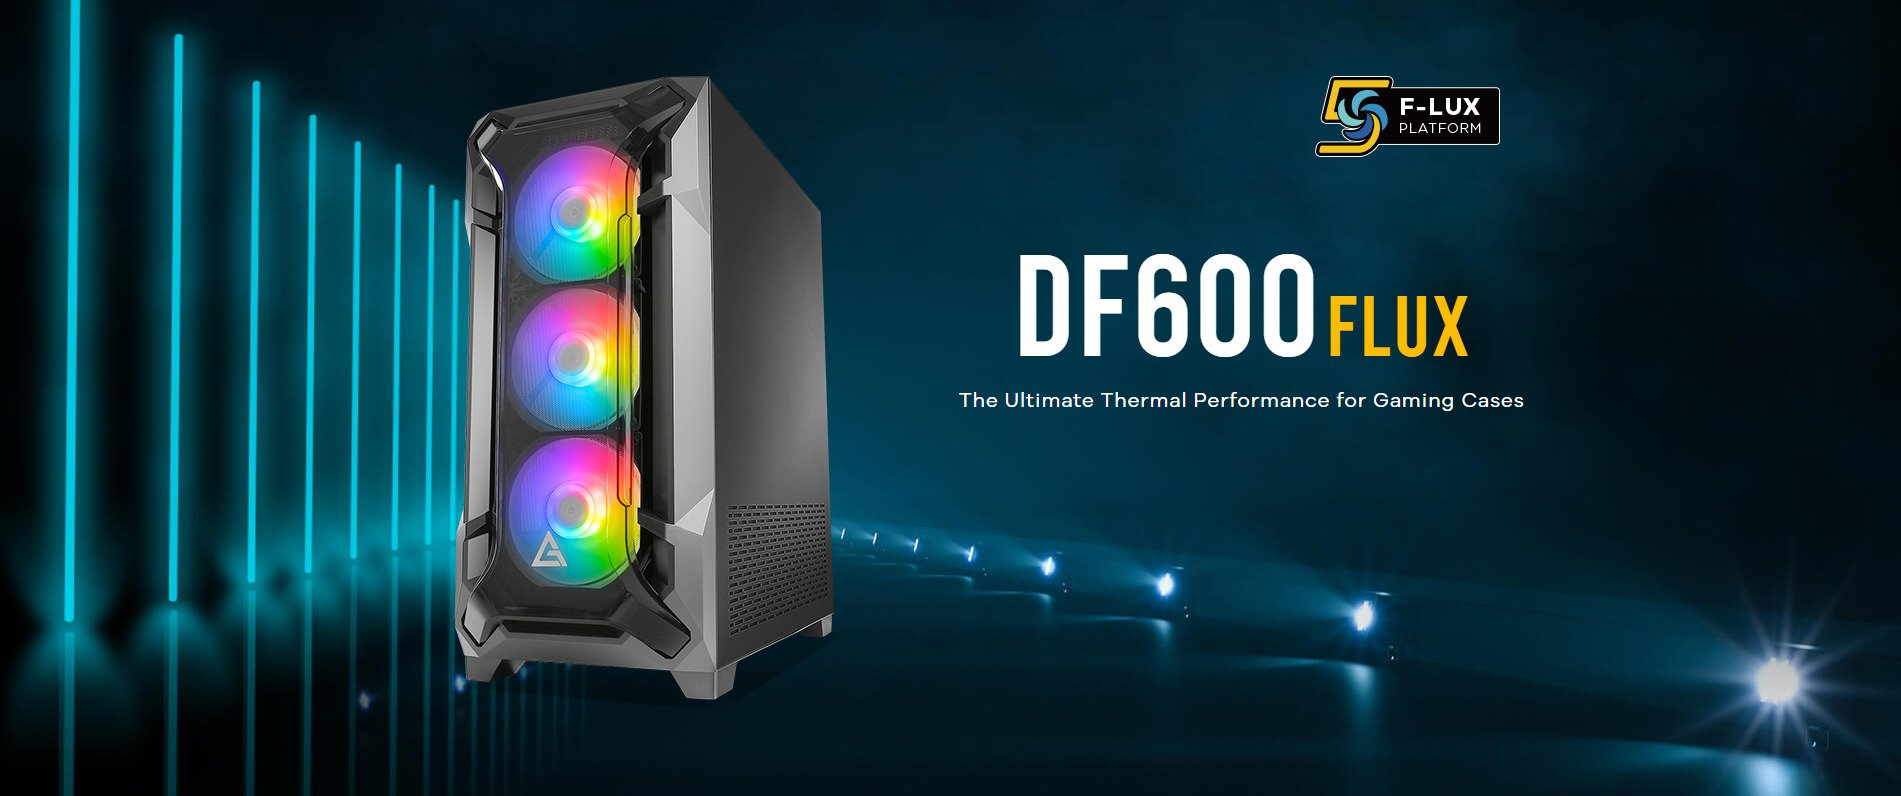 ANTEC DF600 FLUX ARGB (ATX) MID TOWER CABINET